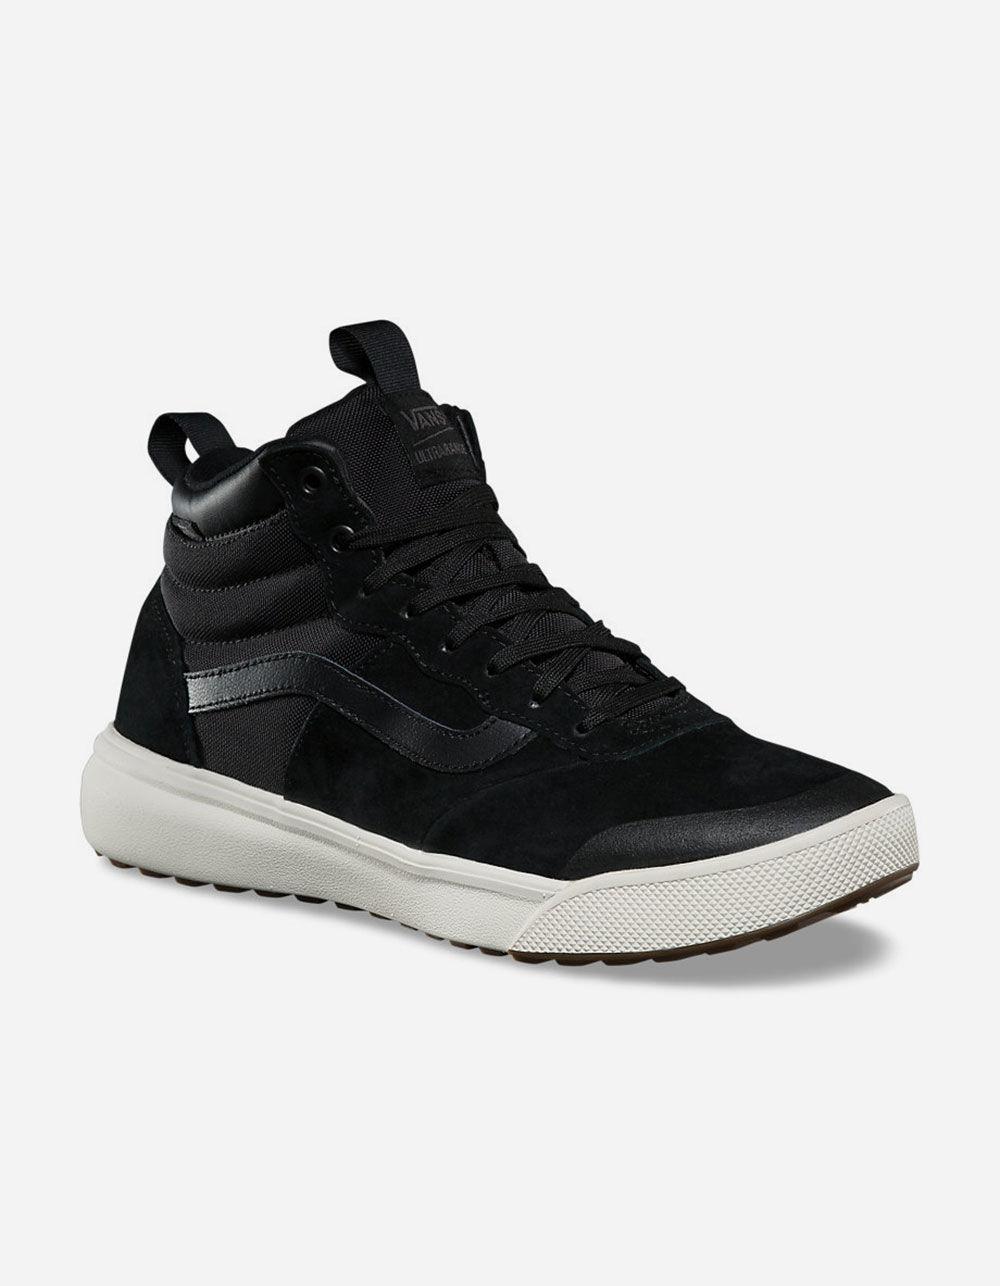 d7888361d3 Lyst - Vans Ultrarange Hi Mte Mens Shoes in Black for Men - Save 36%